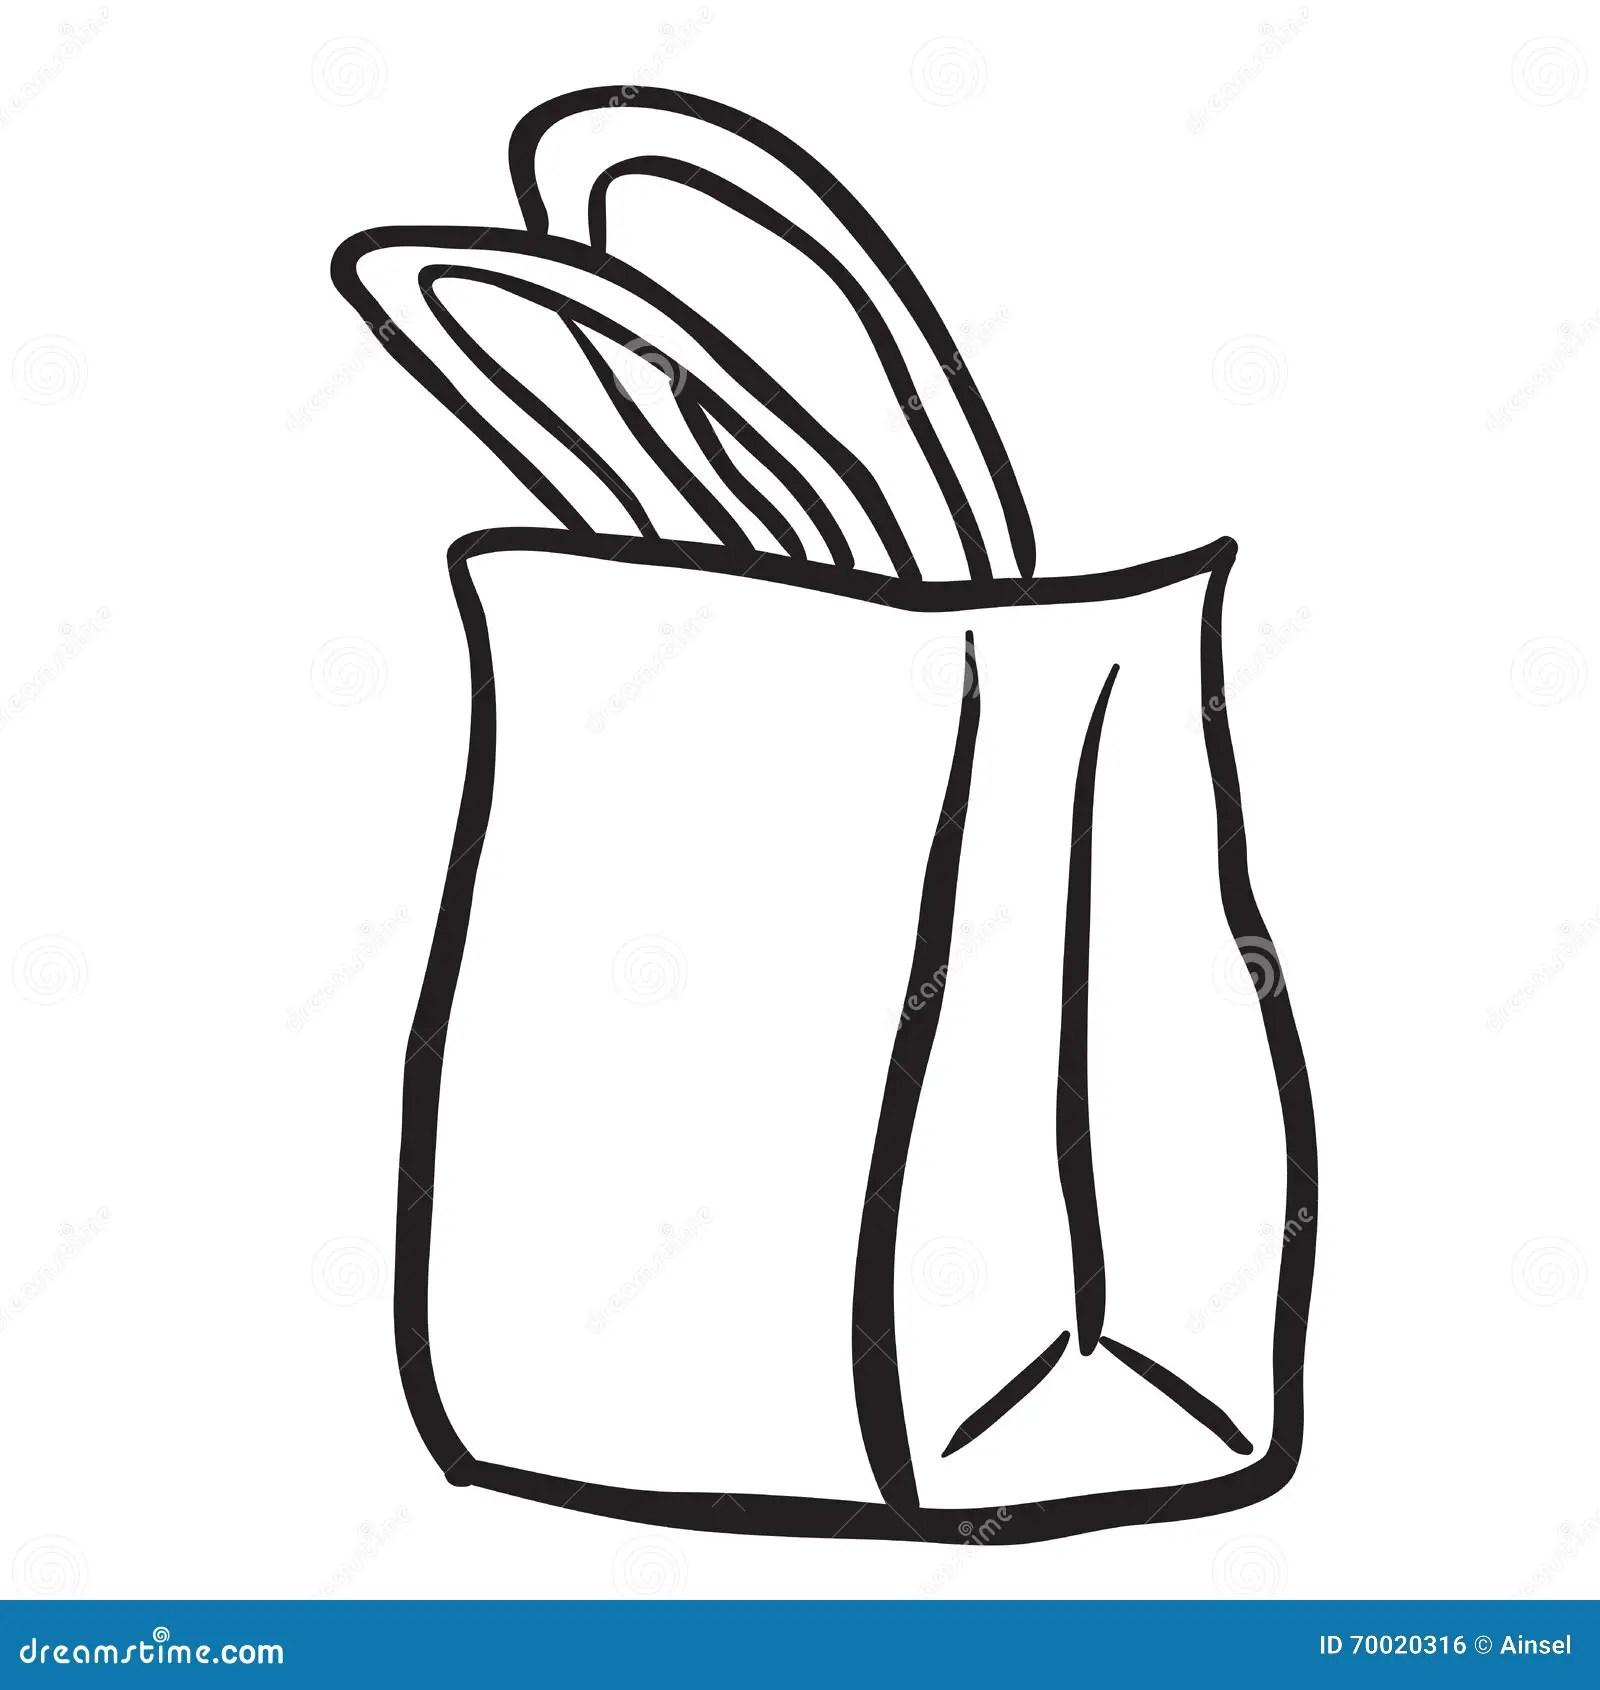 Black And White Shopping Bag Stock Illustration